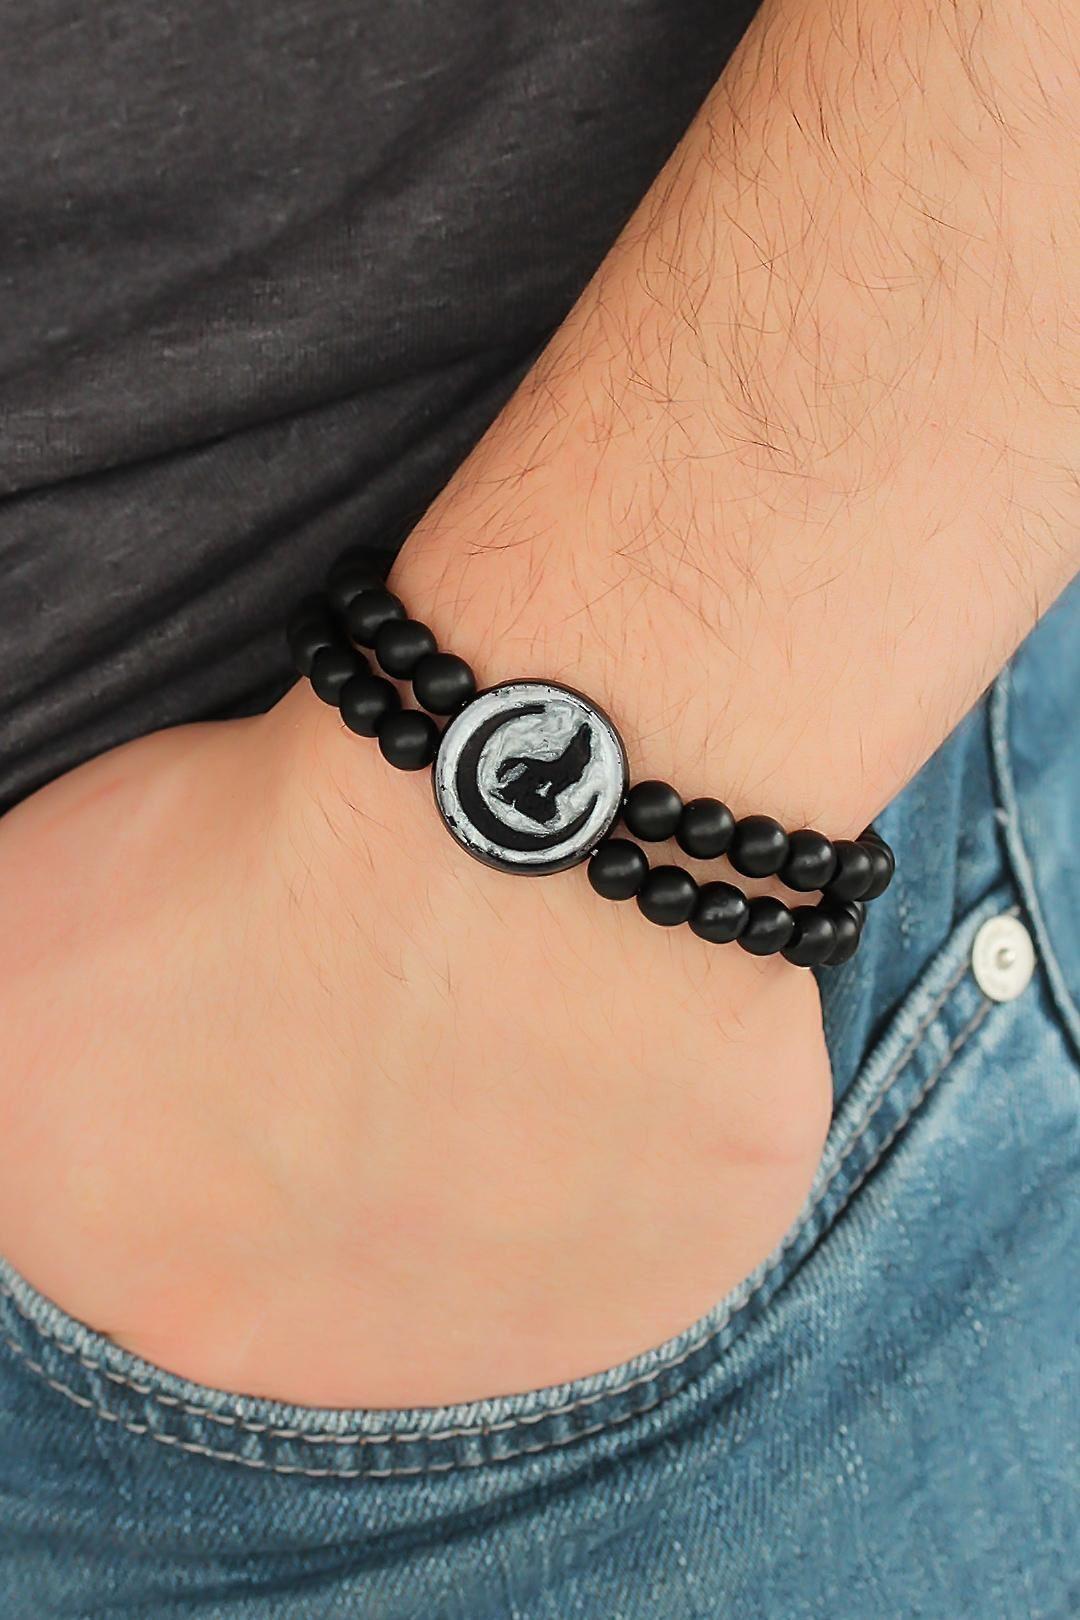 Bozkurt Figürlü Açık Siyah Renk Füme Metal Aksesuarlı Çift Sıra Oniks Doğal Taş Erkek Bileklik